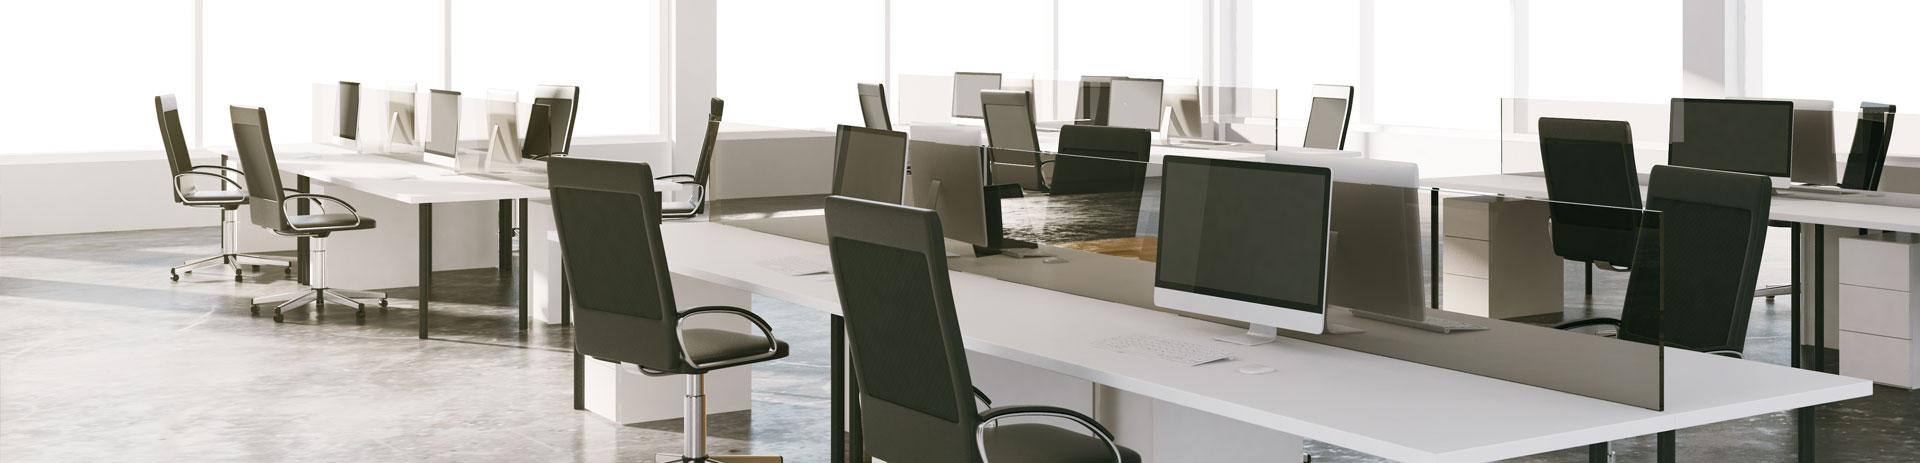 Outsourcing-Lösung für Ihre Desktop-Landschaft